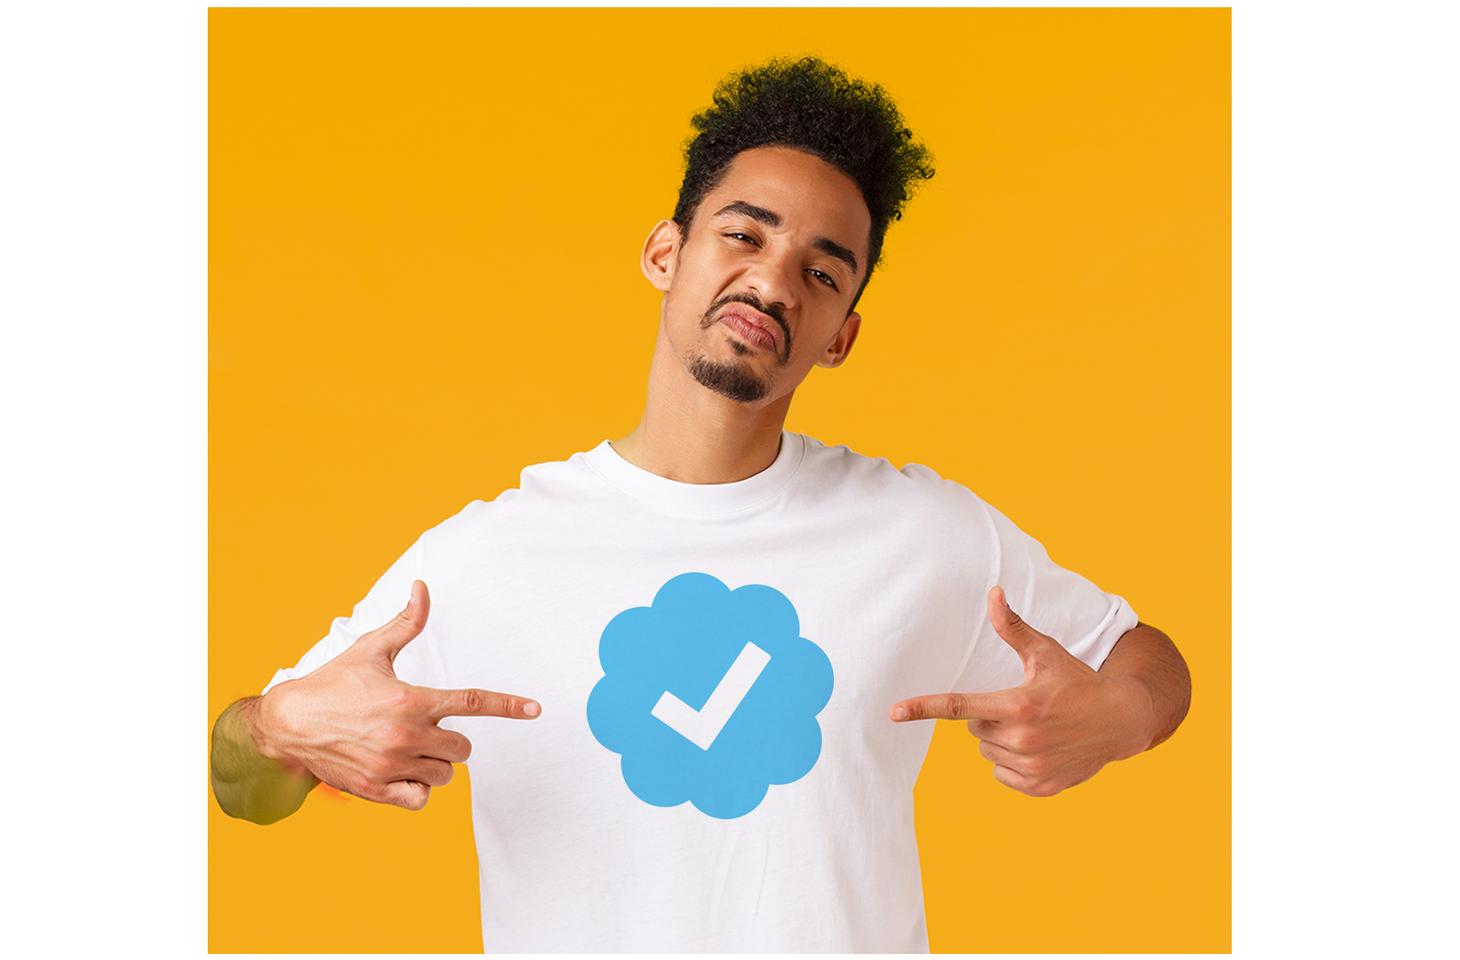 企業公式Twitterアカウントの「なりすまし」にだまされないために   カスペルスキー公式ブログ